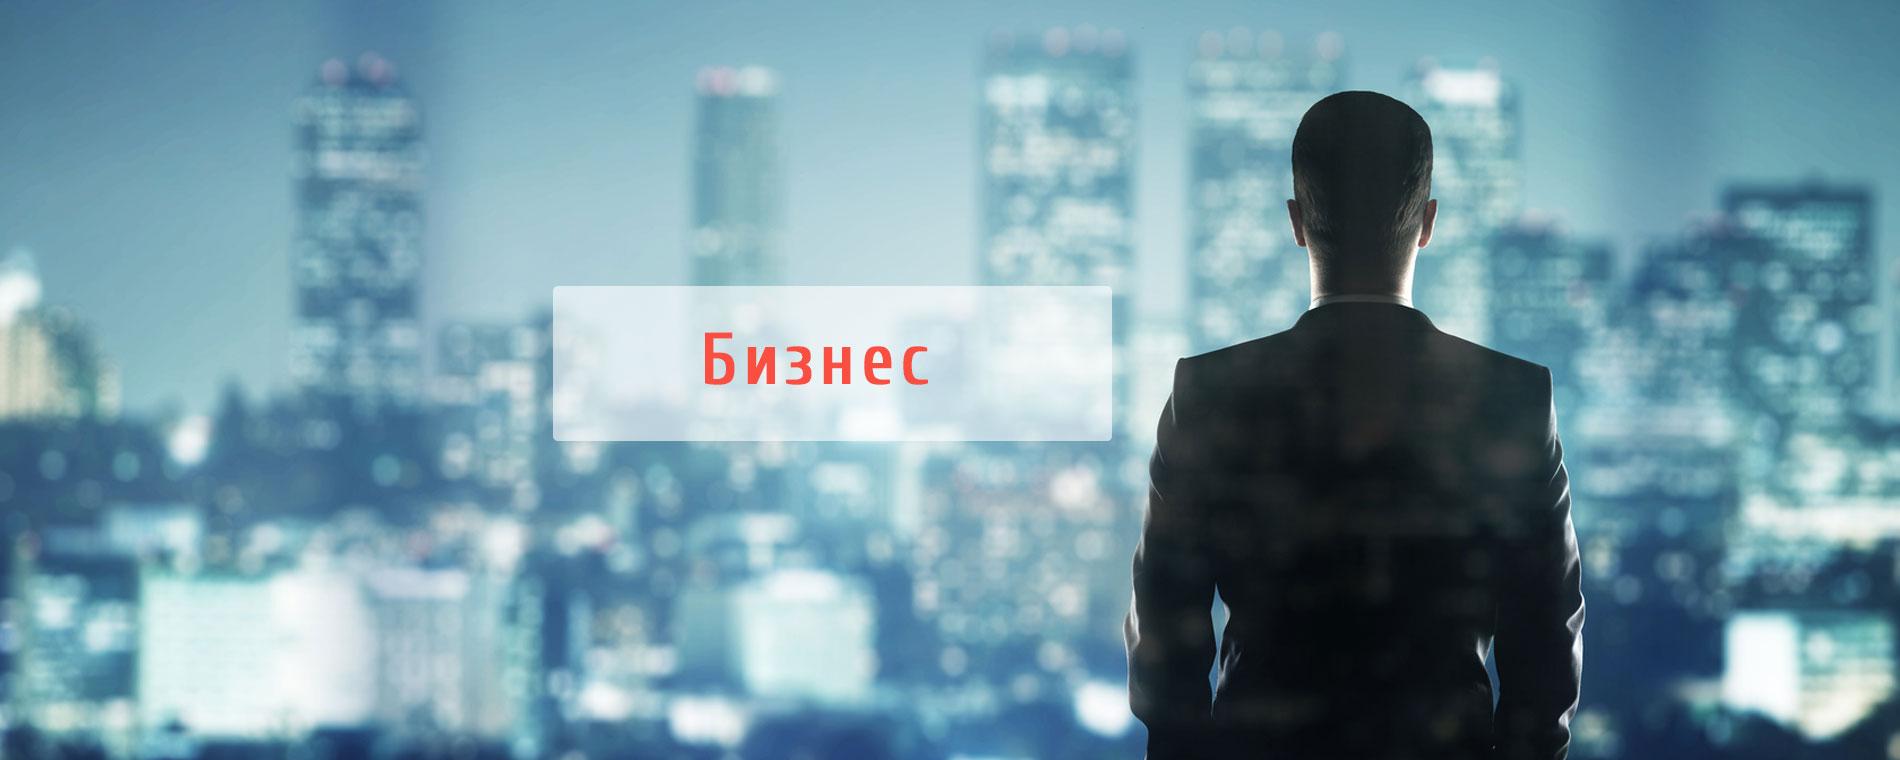 Бизнес в Украине